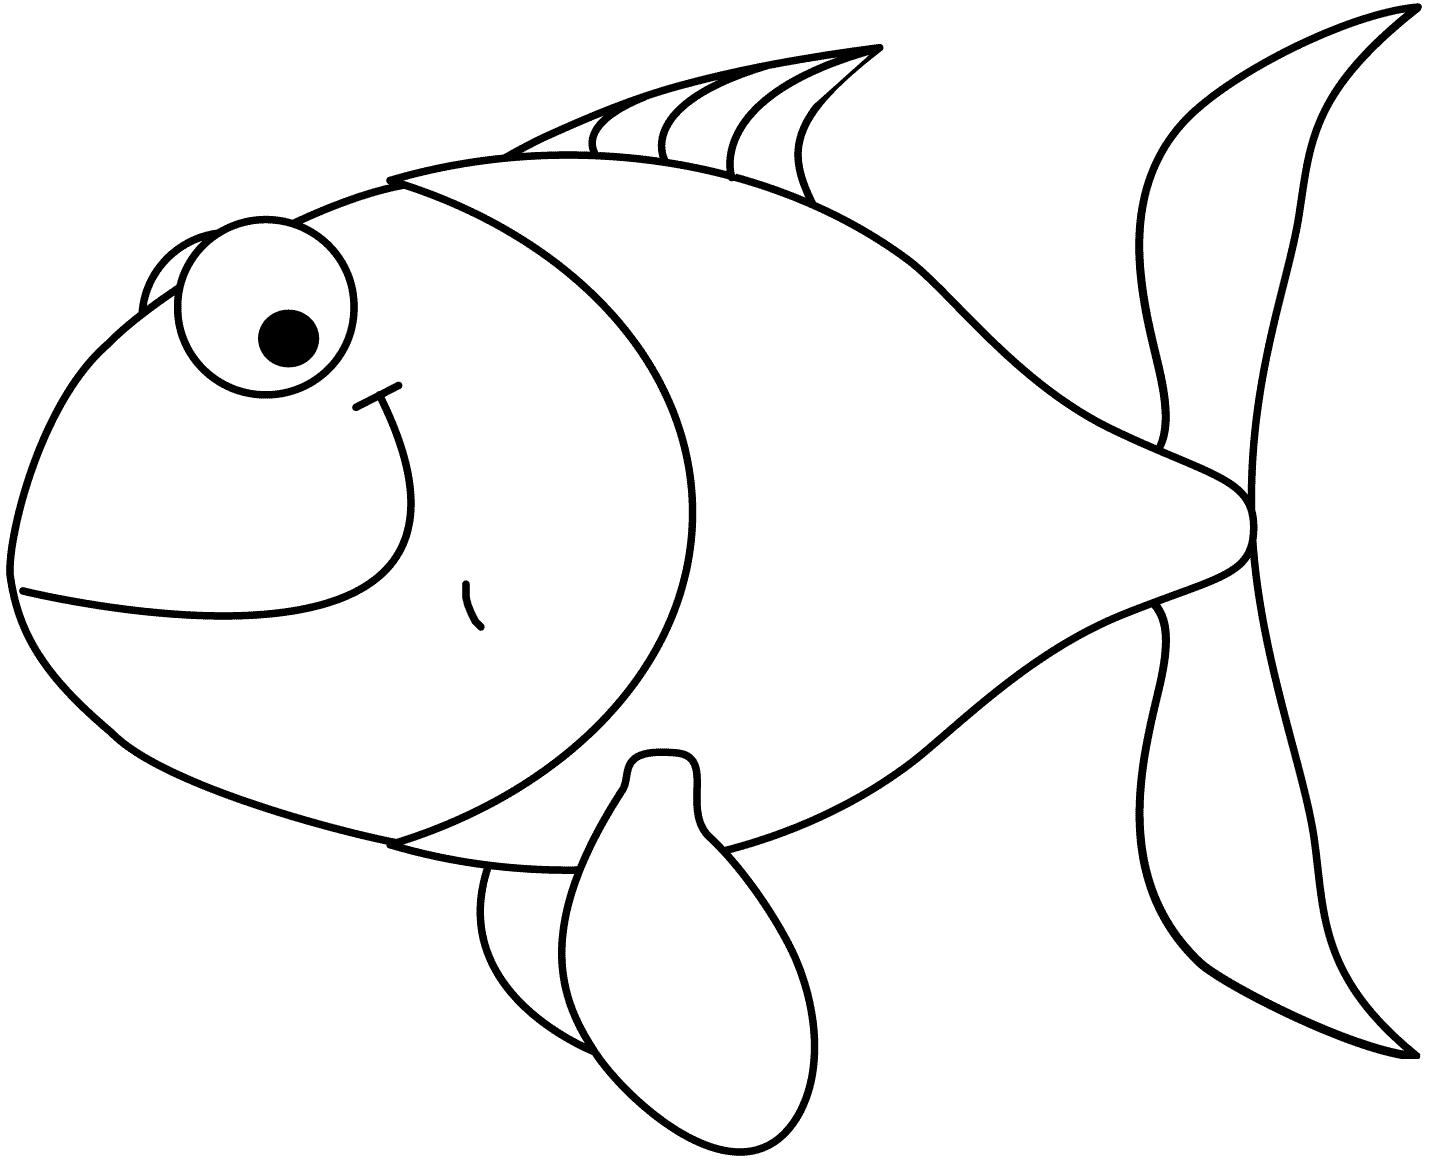 24 disegni pesciolini da colorare for Disegni di pesci da colorare e stampare